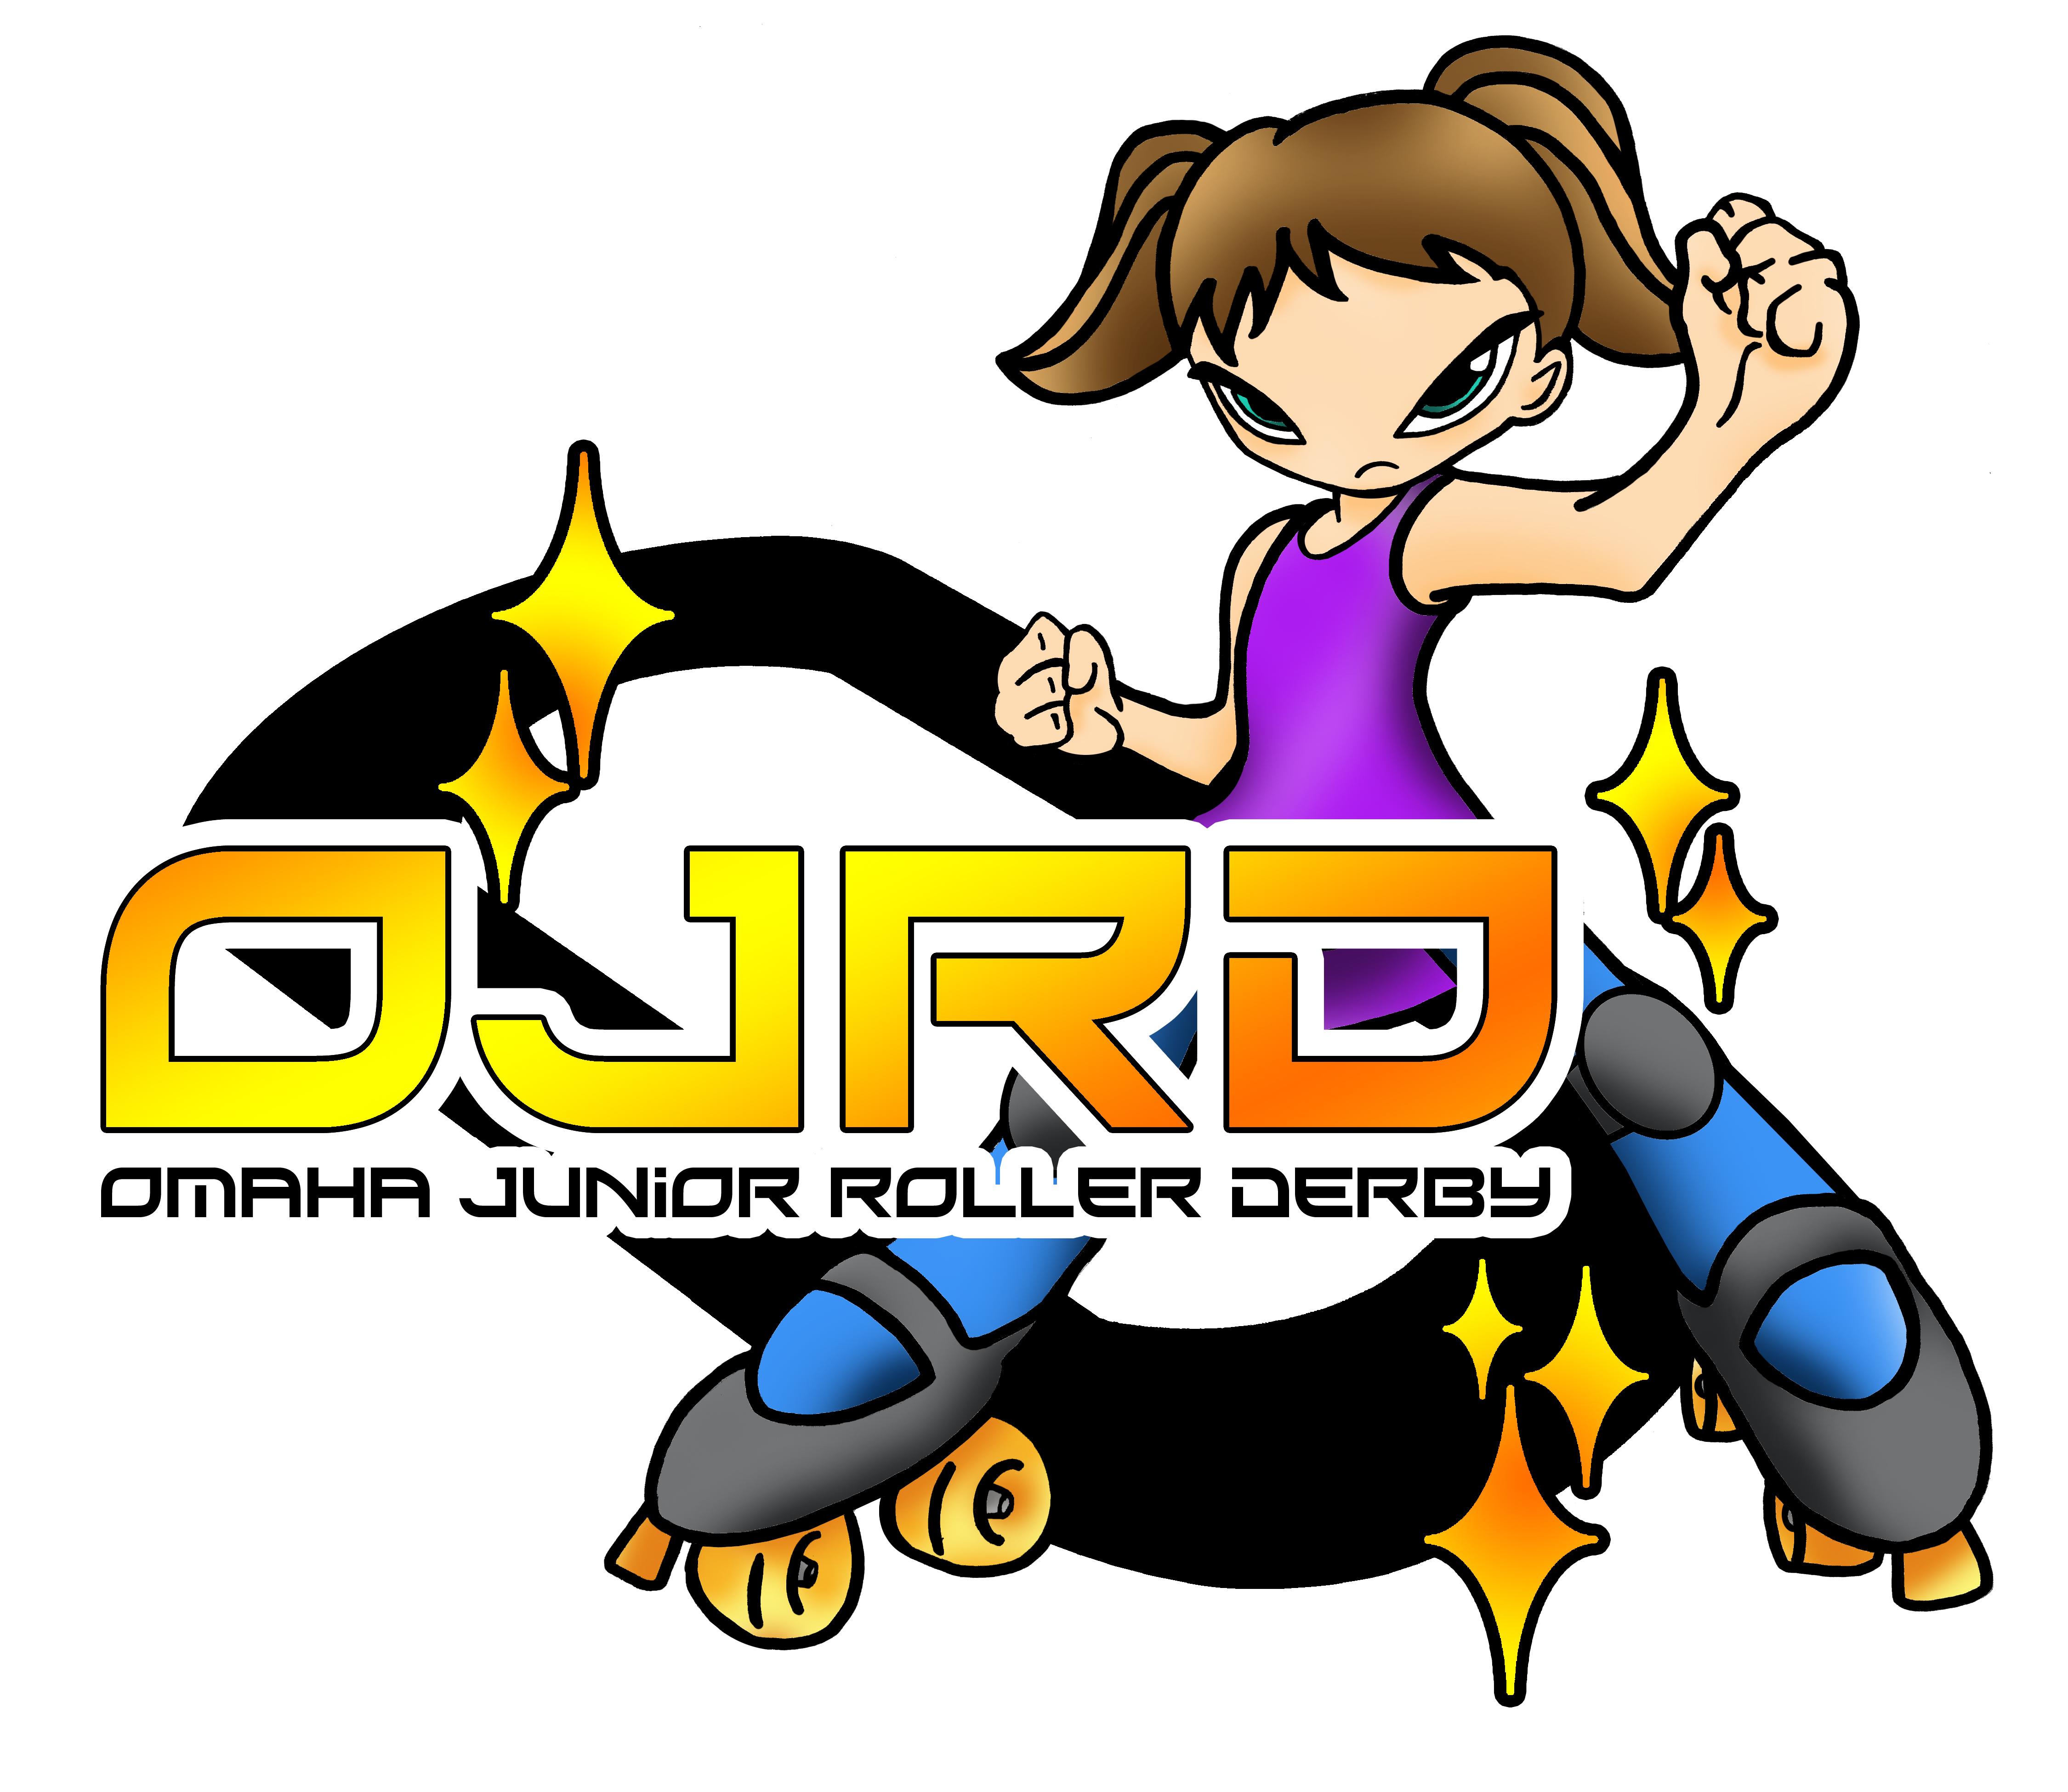 Roller skating omaha - Omaha Junior Roller Derby